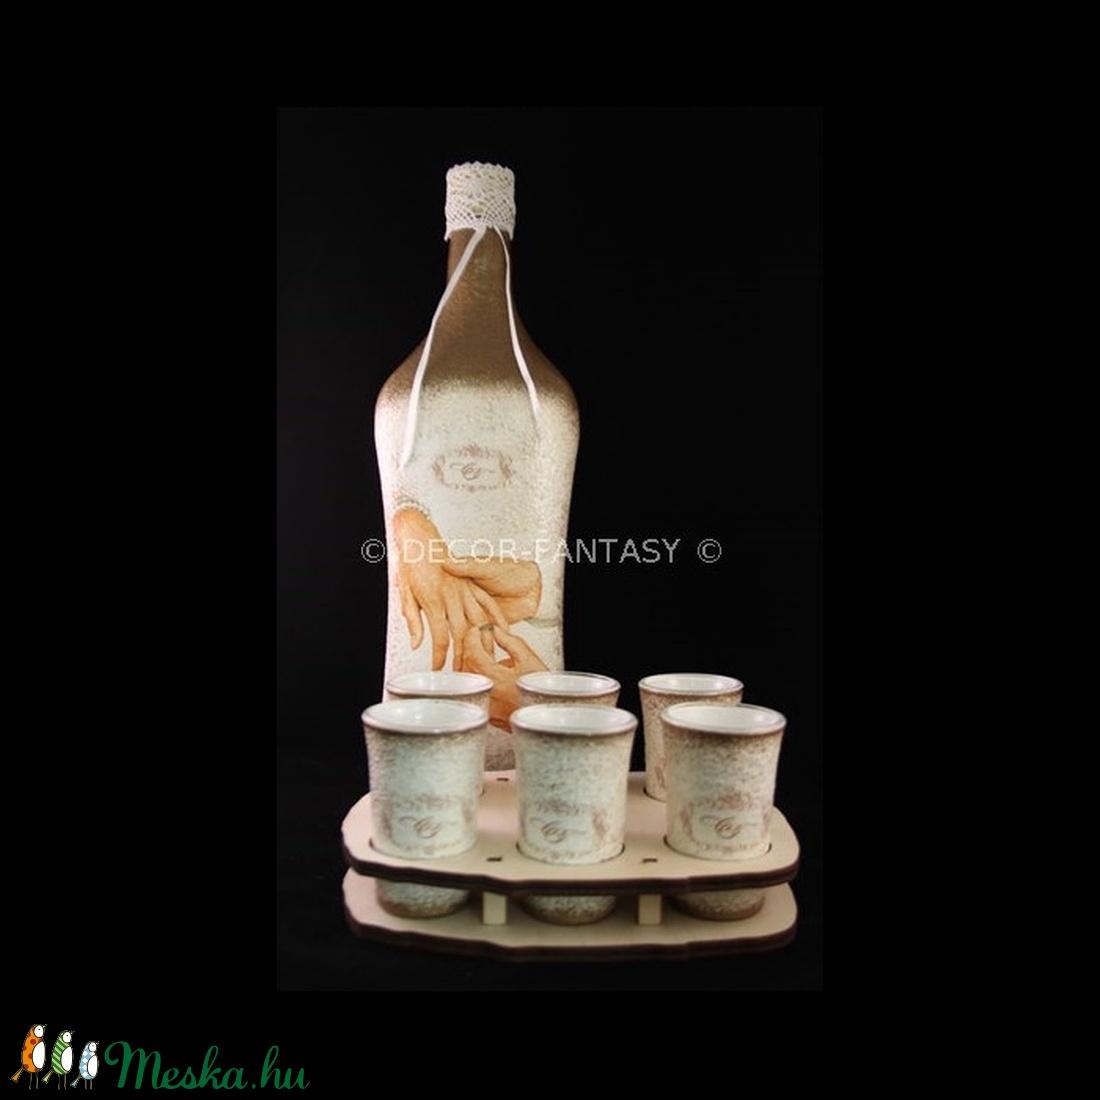 EGYEDI megrendelésre készült esküvői italos szett ( 1, l üveg + 6 db 45ml pohár + tartó ) (decorfantasy) - Meska.hu